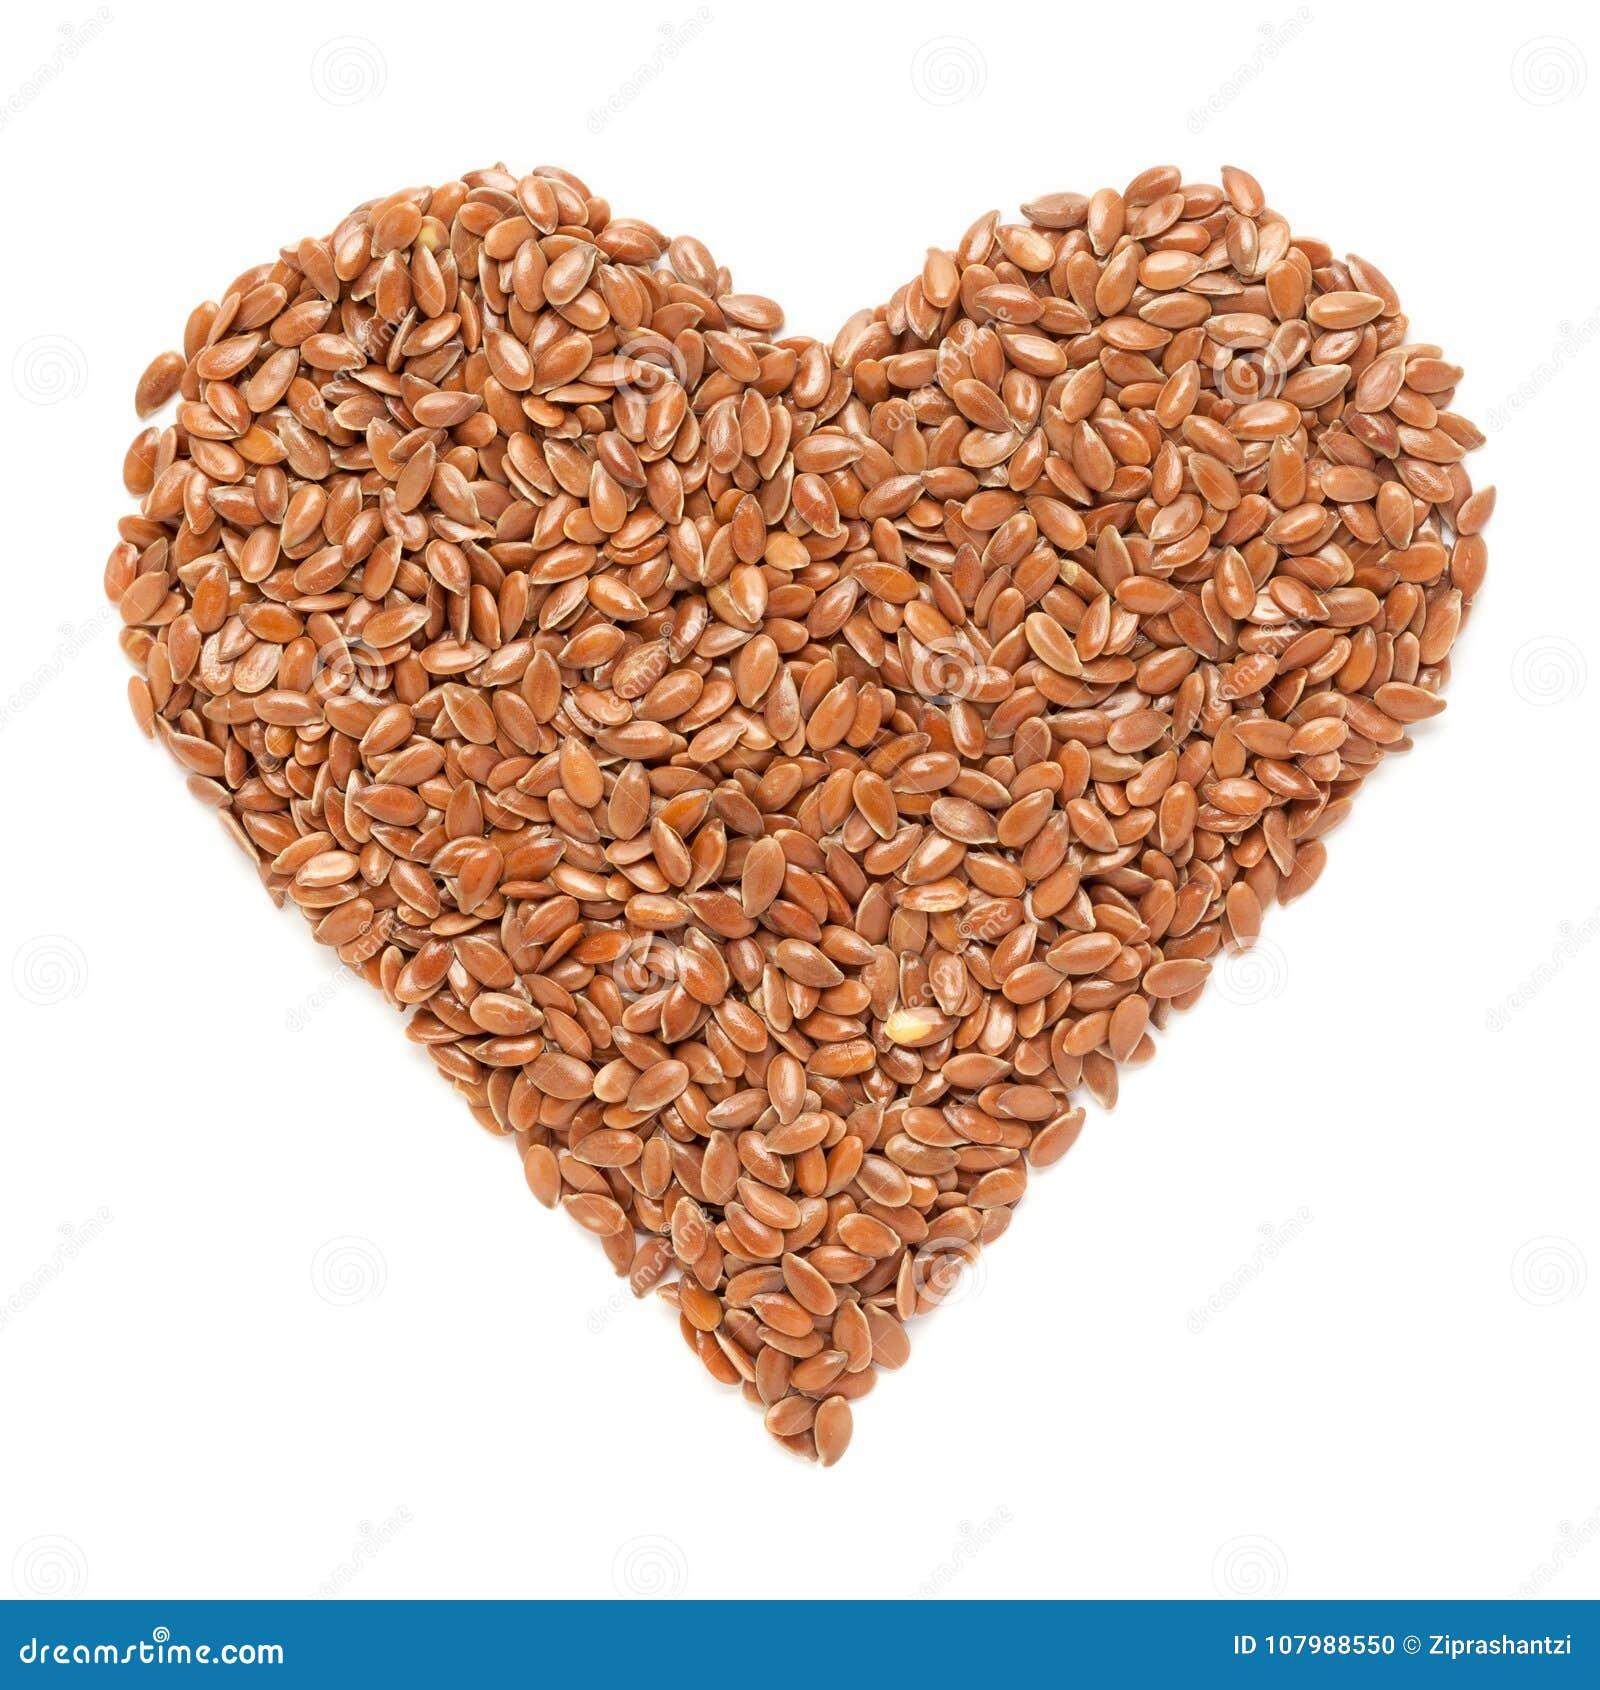 Para q es la semilla de lino